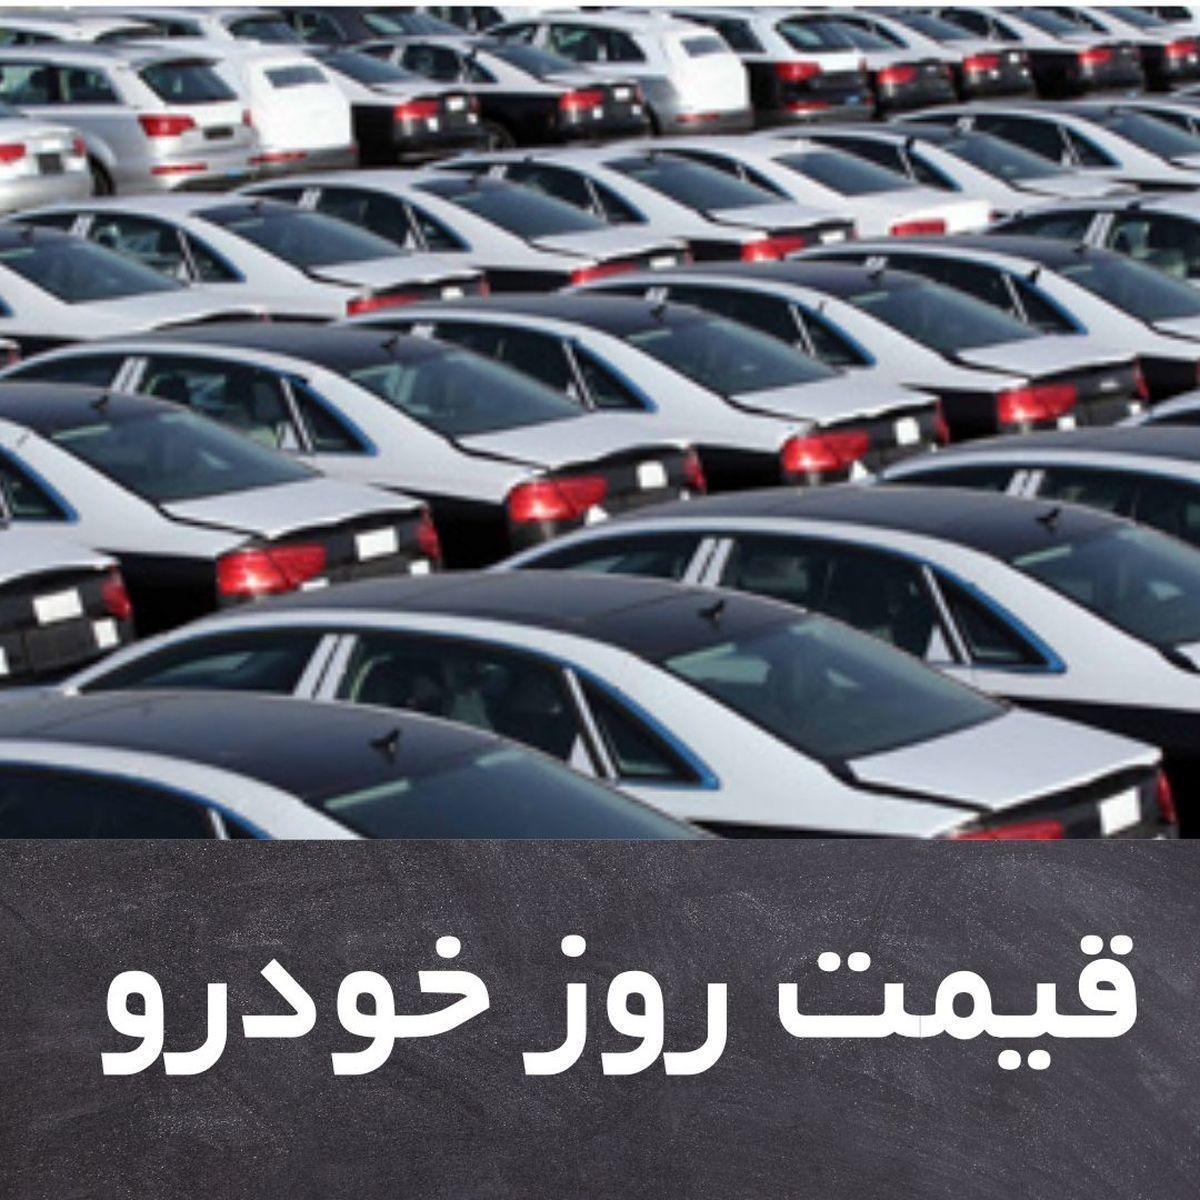 قیمت روز خودرو چهارشنبه 20 اسفند + جدول